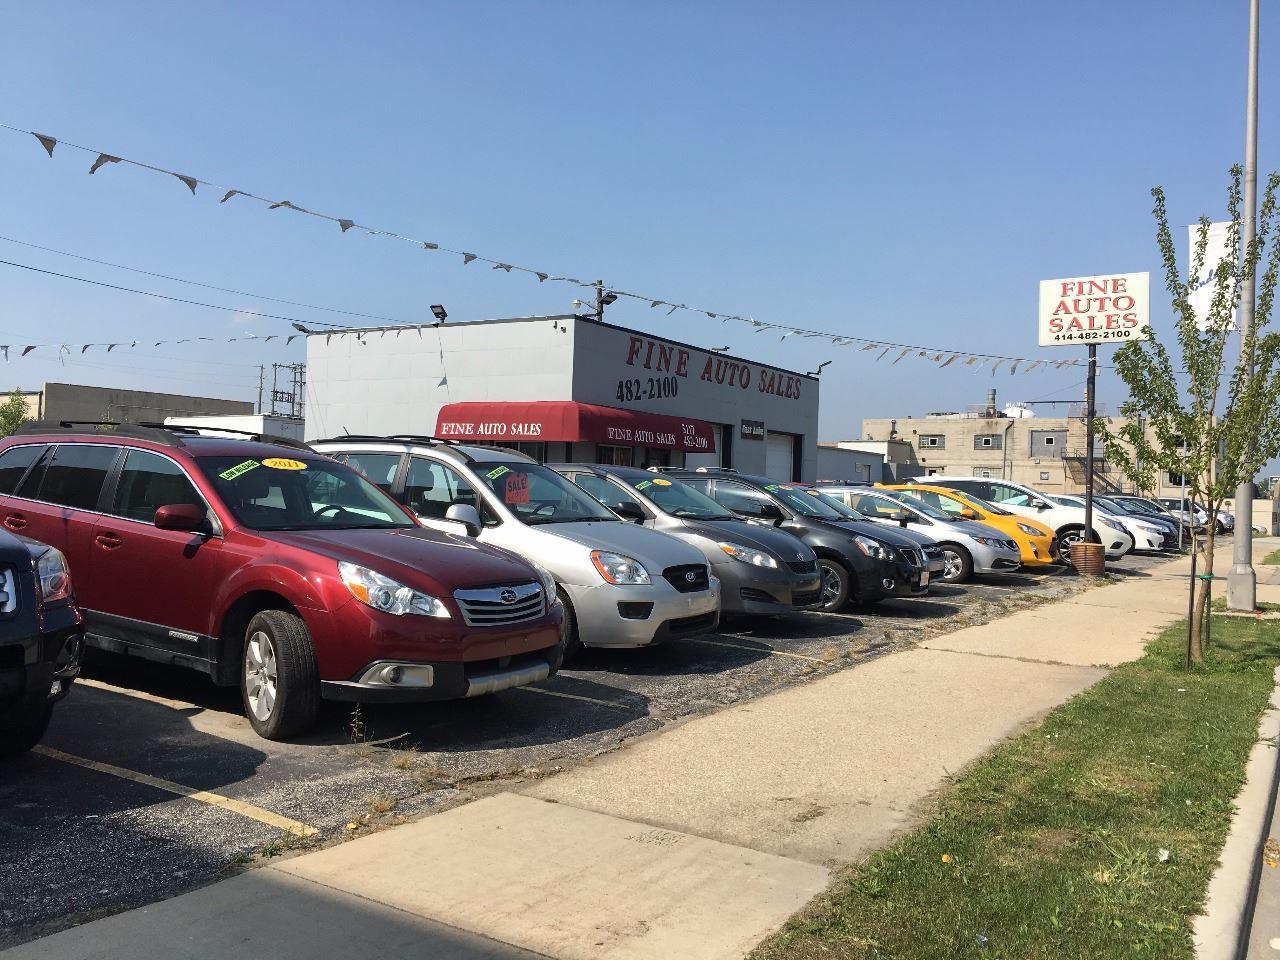 Fine Auto Sales